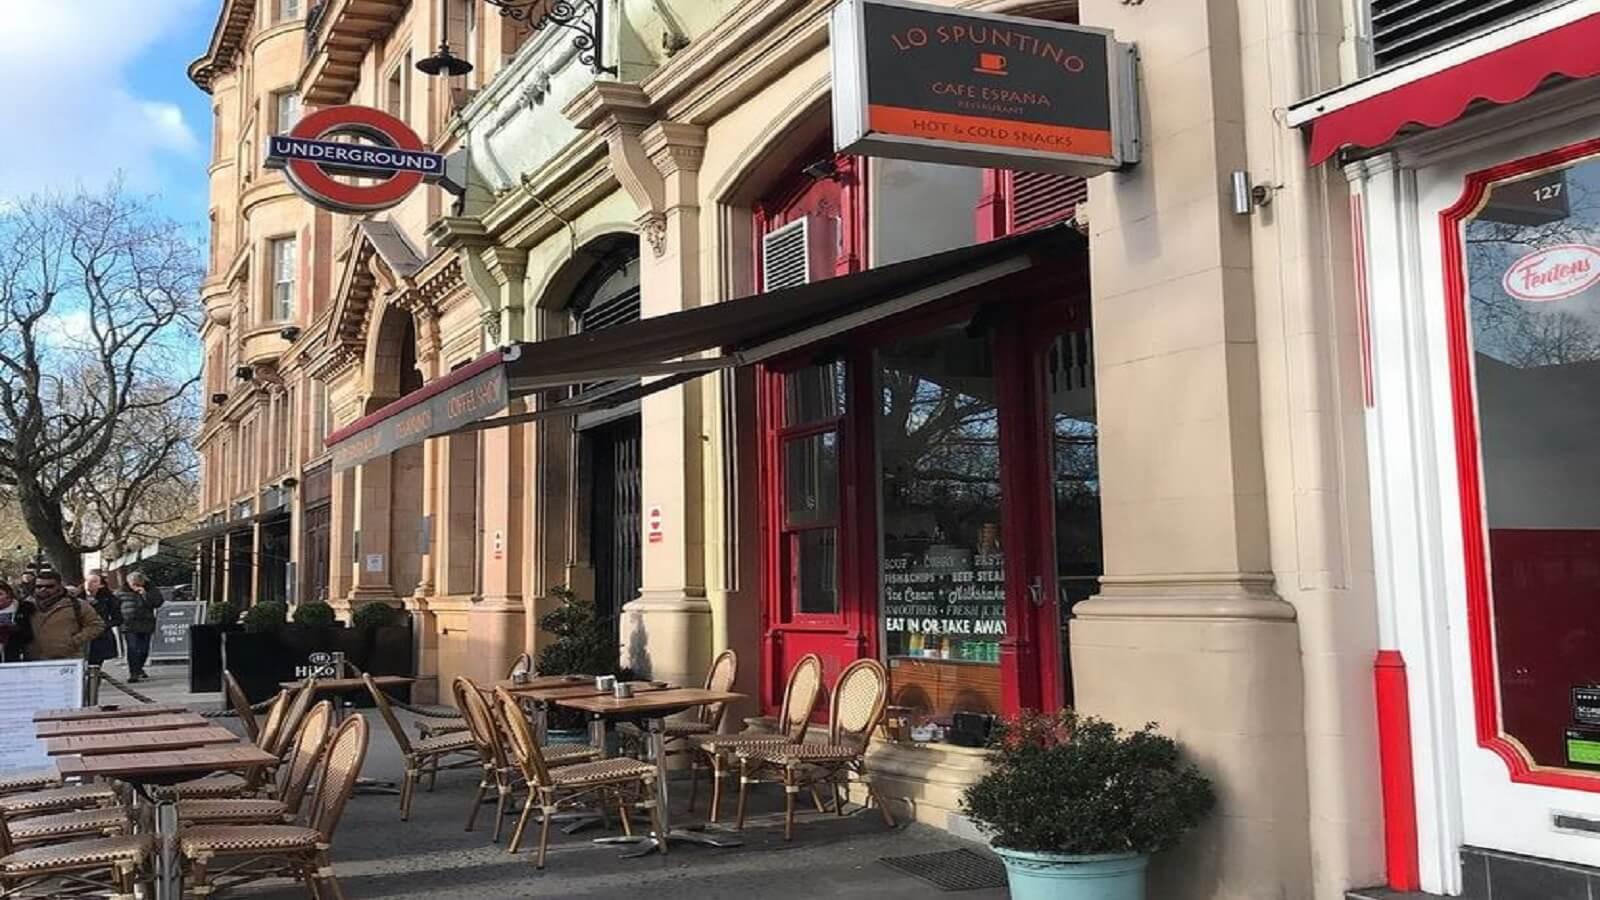 Lo Spuntino-Cafe Espana Restaurant